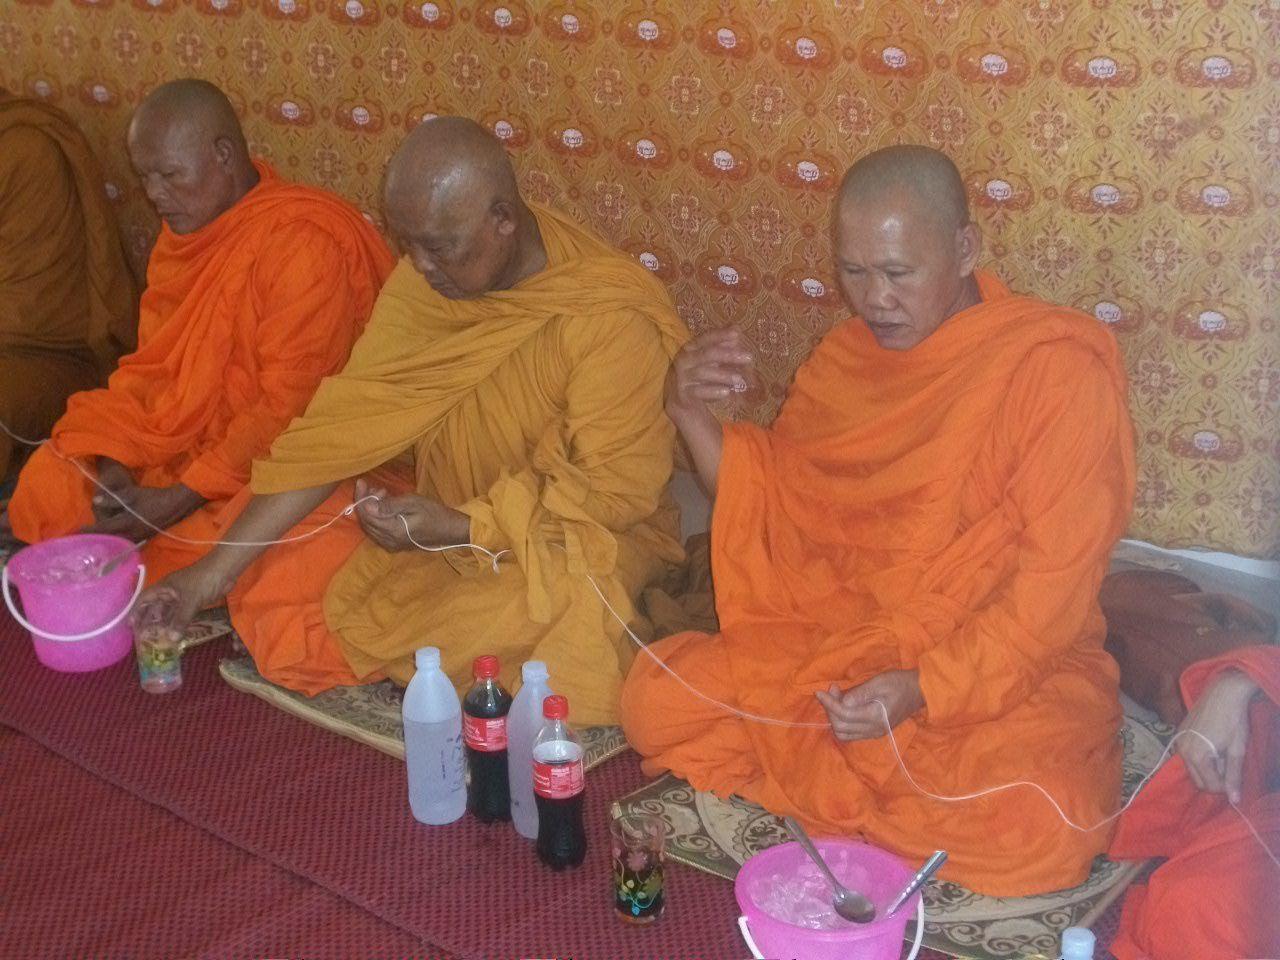 les moines sur la photo n'ont rien à voir avec la suite....simple illustration